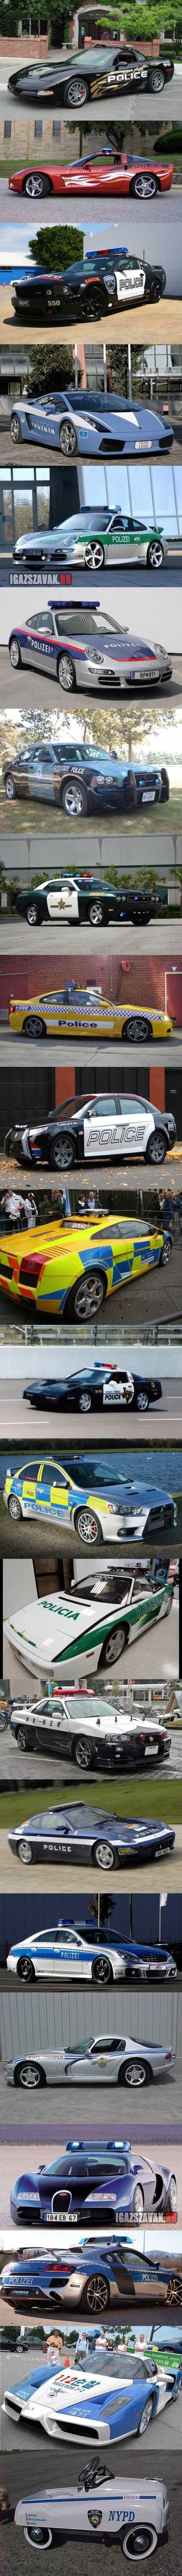 rendőrautók a nagyvilágban